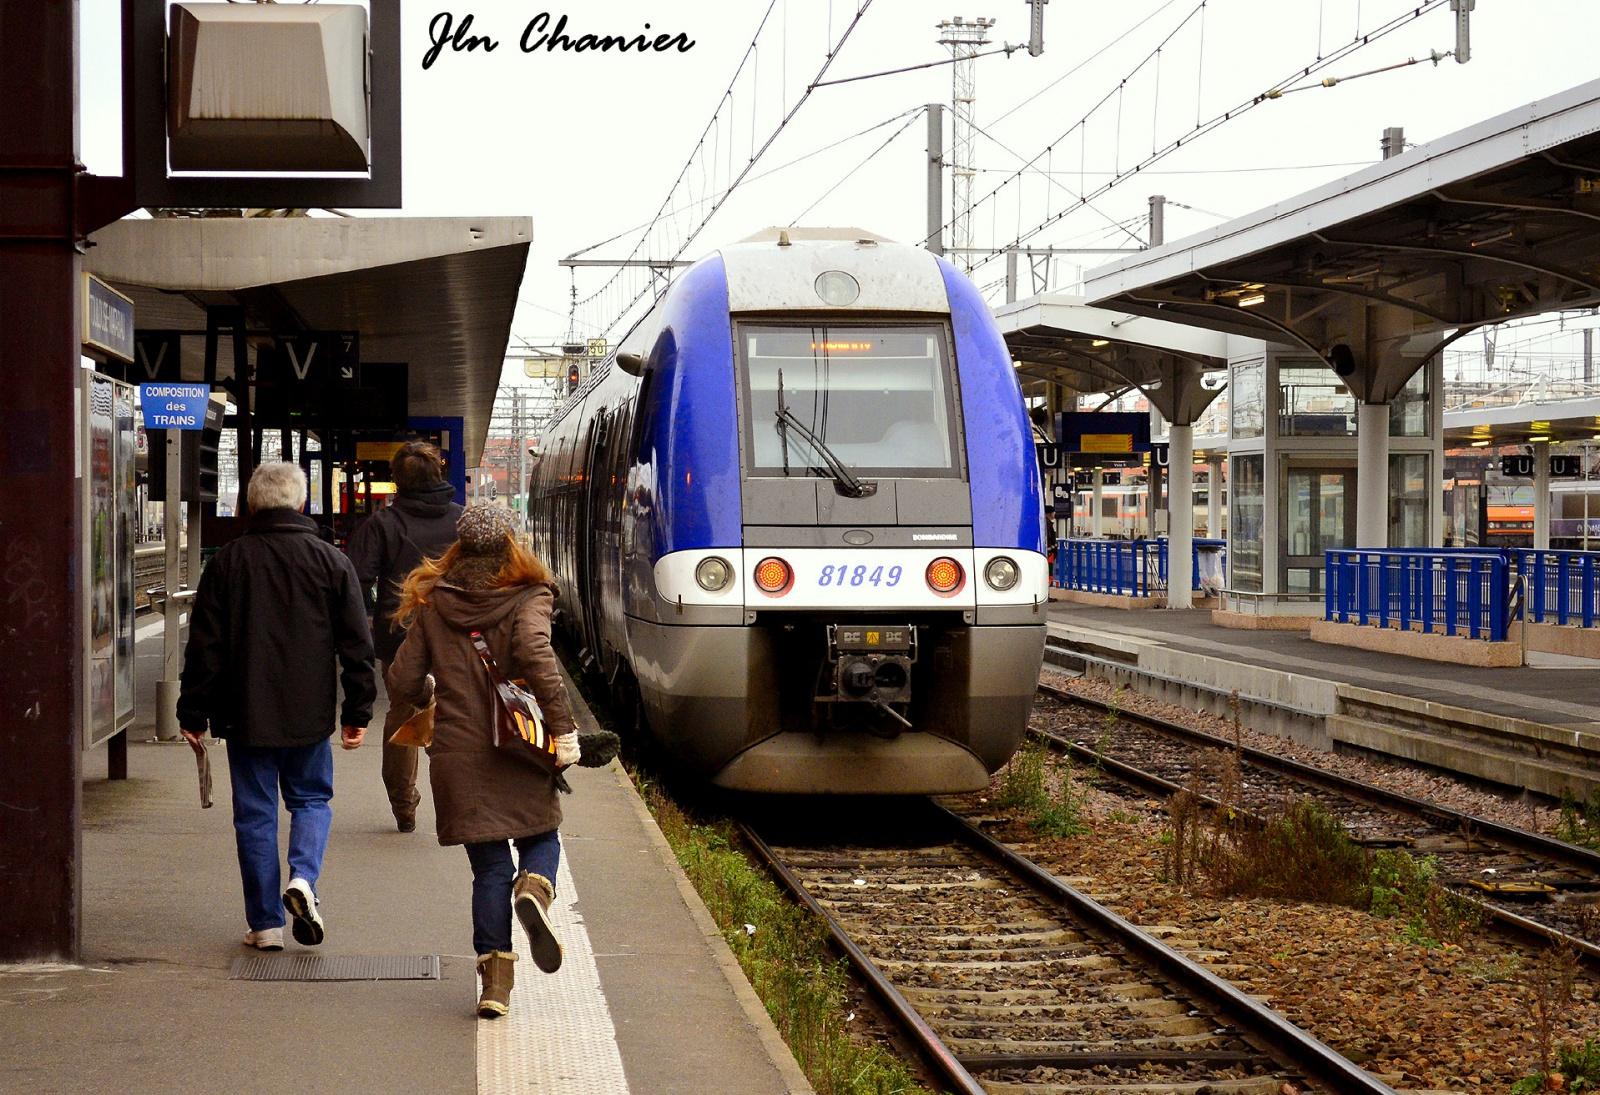 Pk 256,4 : Gare de Toulouse Matabiau (31) - Page 6 528813TERTECMXTEMAT81849DEC111